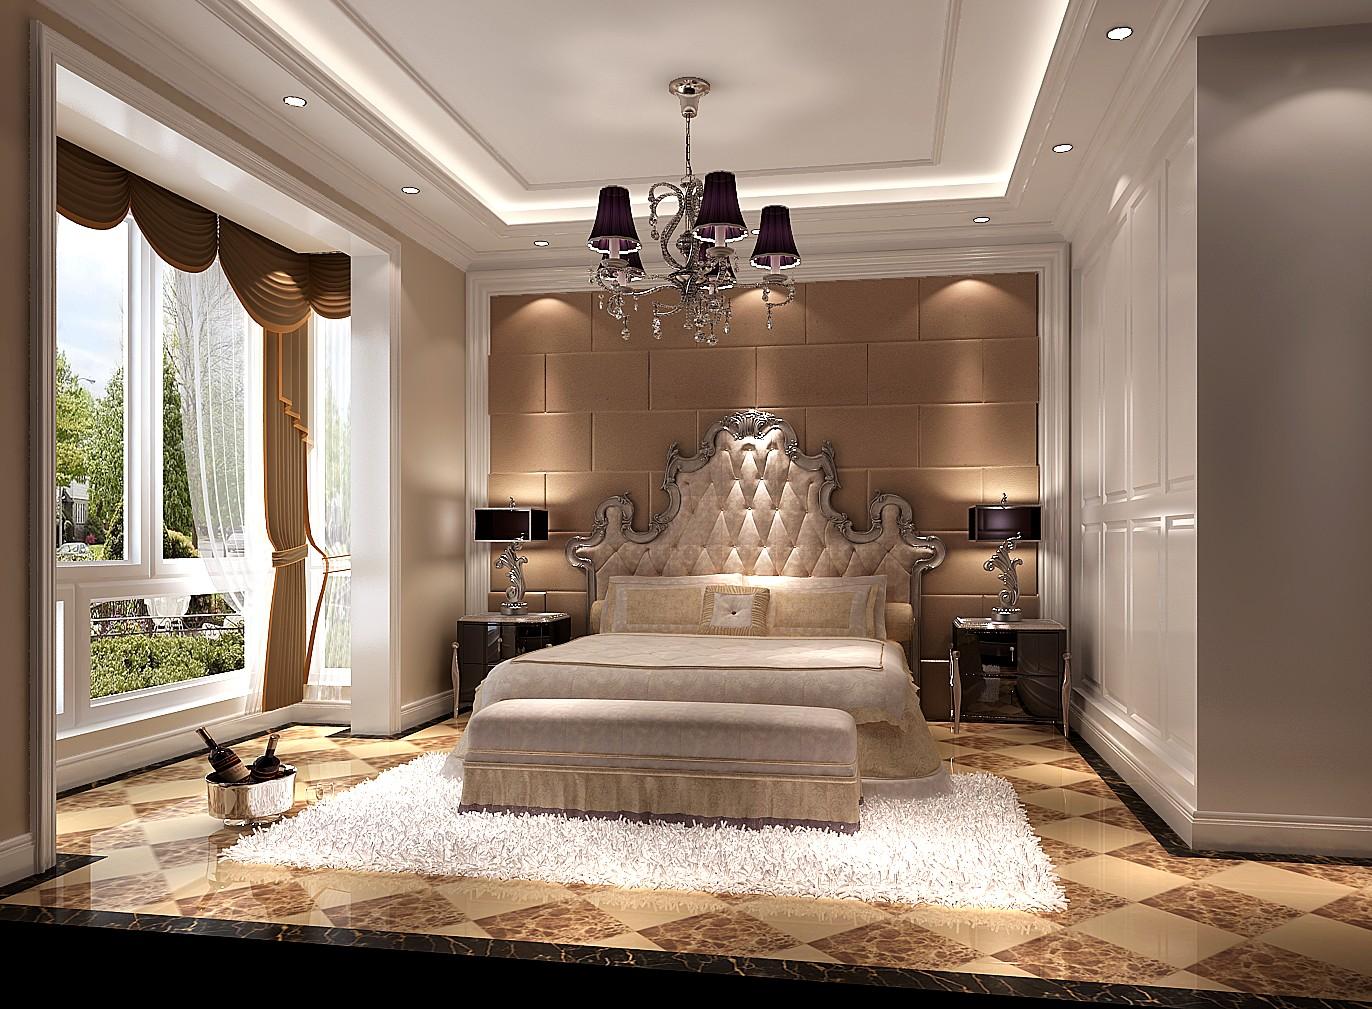 高度国际 中景未山赋 欧式 公寓 卧室图片来自高度国际在高度国际-130平米欧式风格的分享